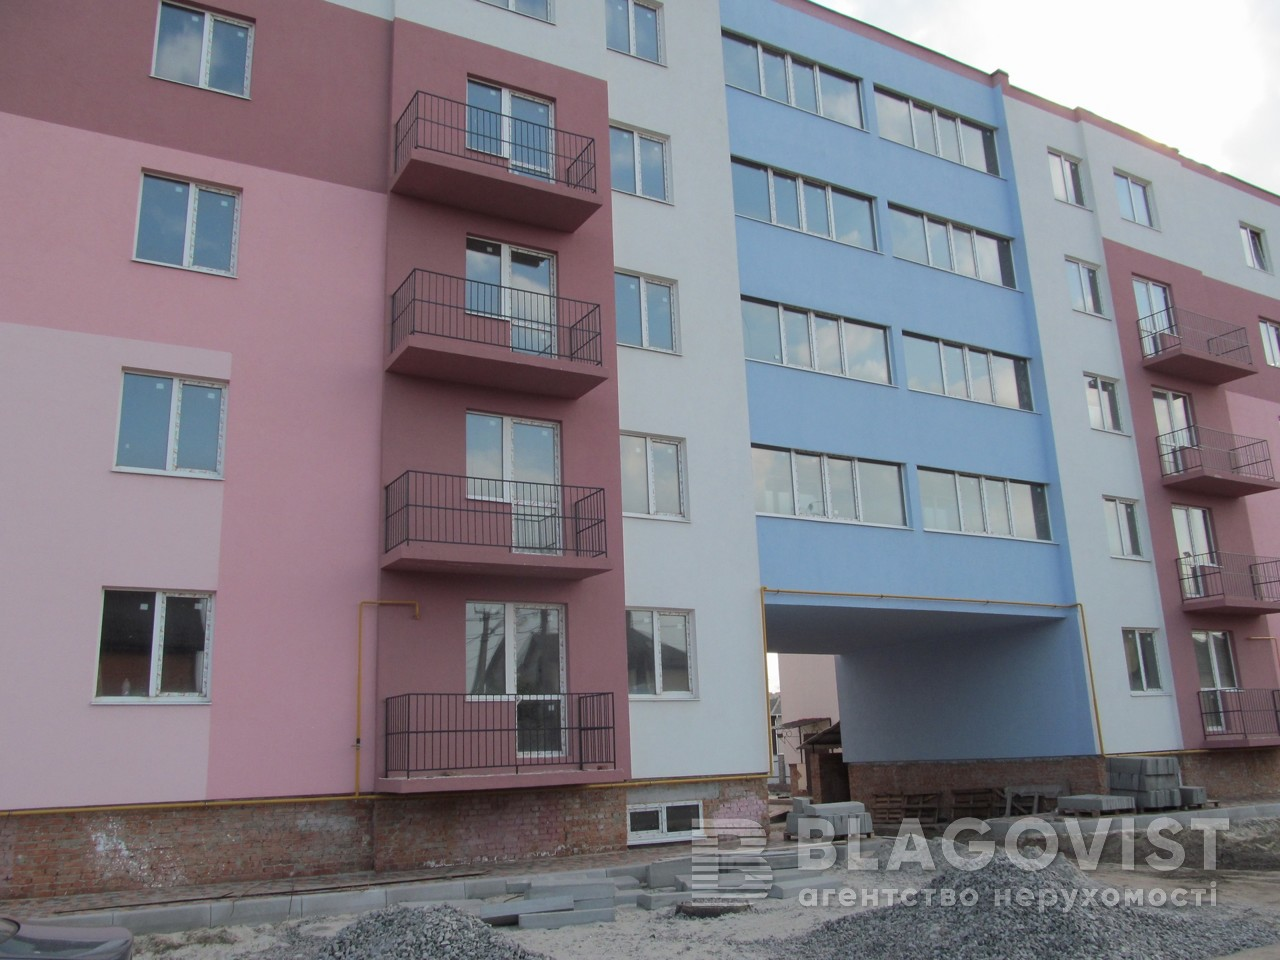 Квартира E-33778, Волошковая, 66, Софиевская Борщаговка - Фото 2